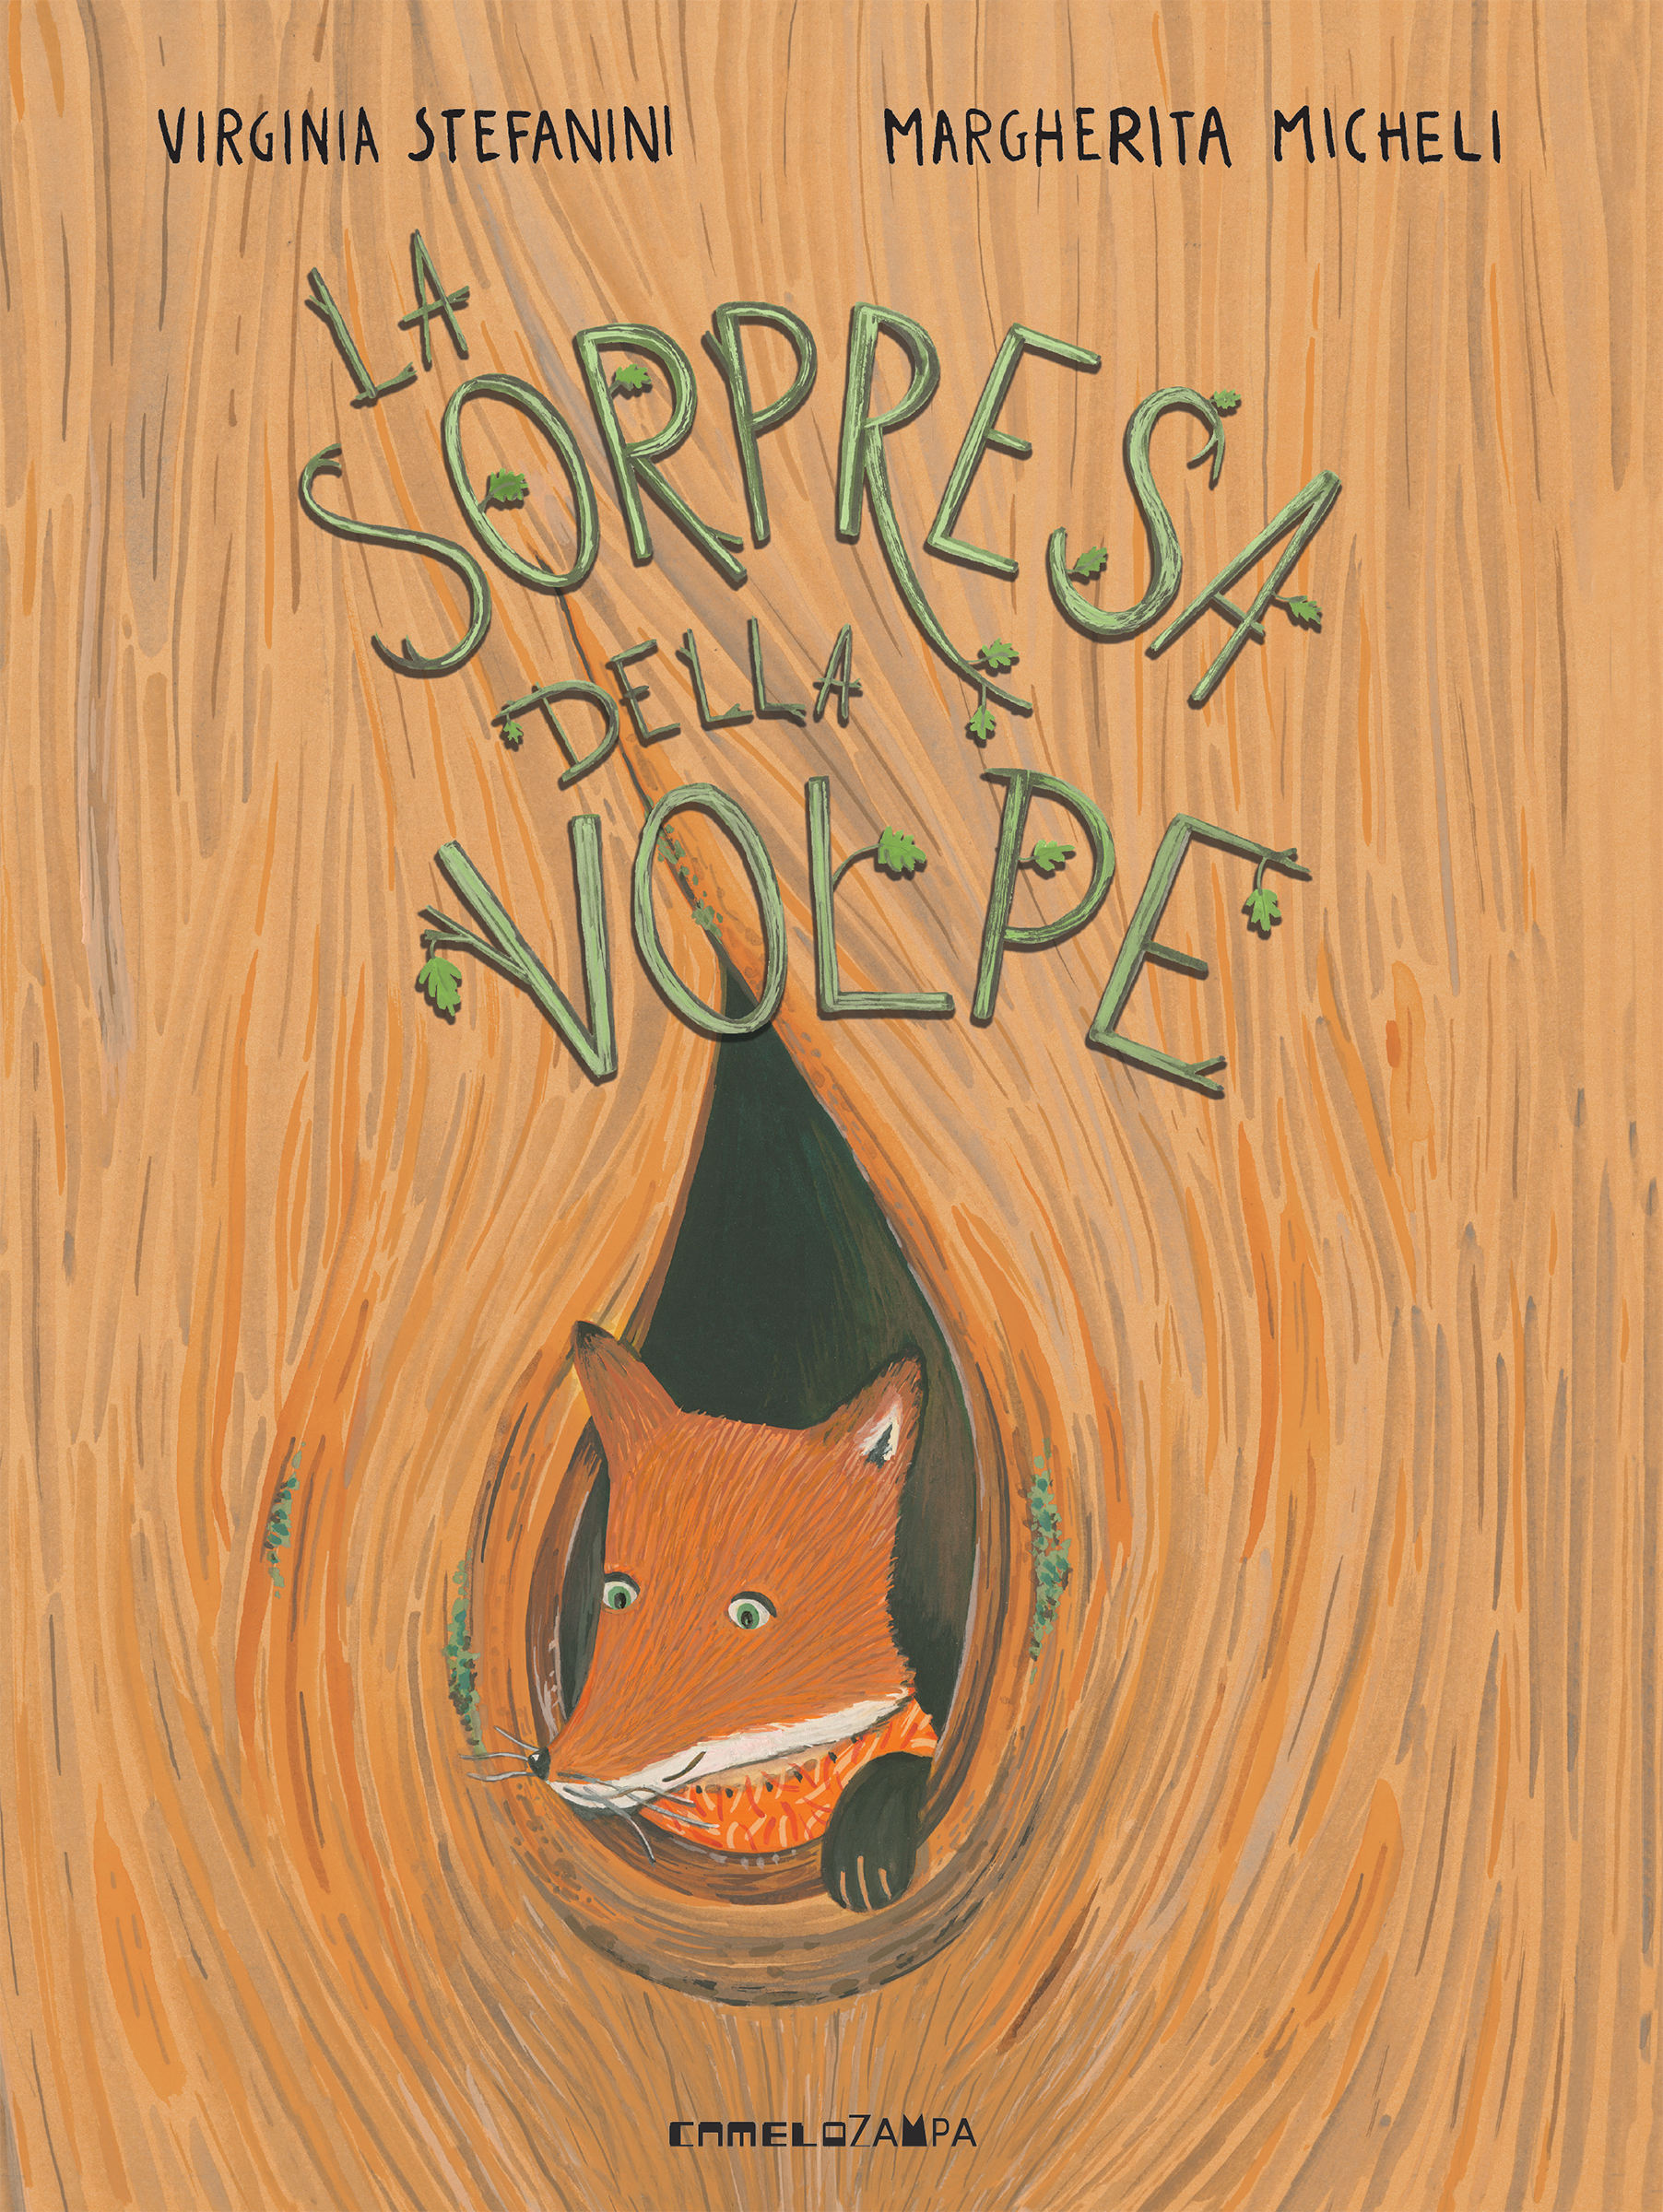 La sorpresa della Volpe – The Fox's Surprise